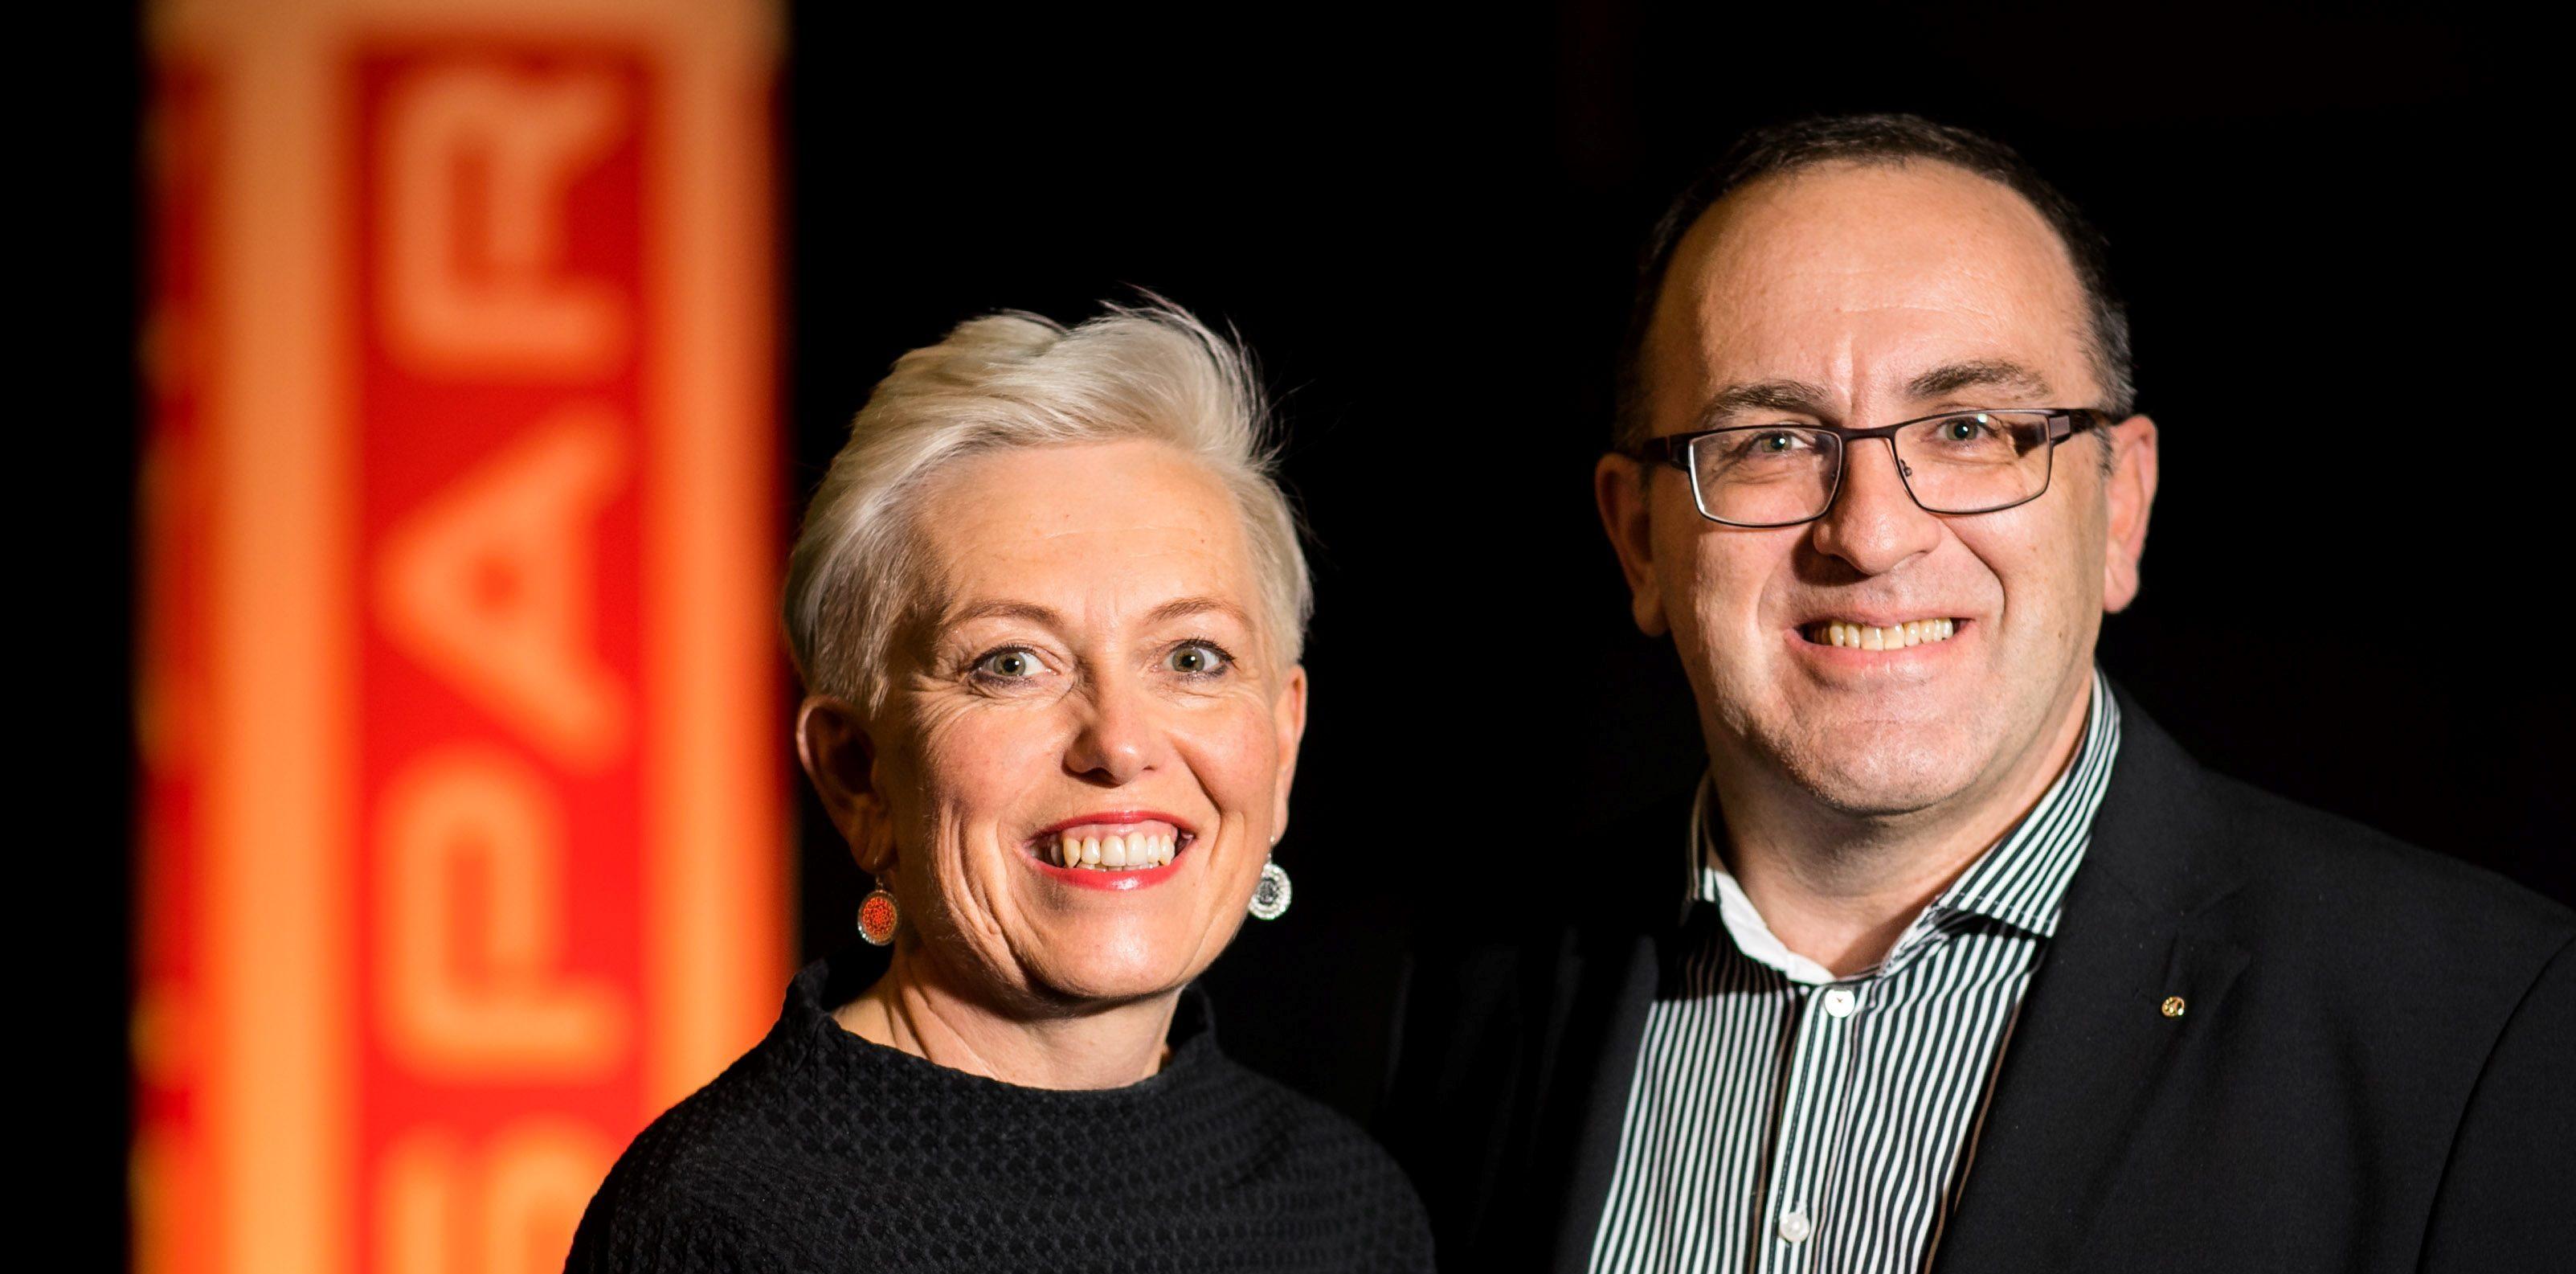 Claudia und Christian Prauchner Marke Prauchner